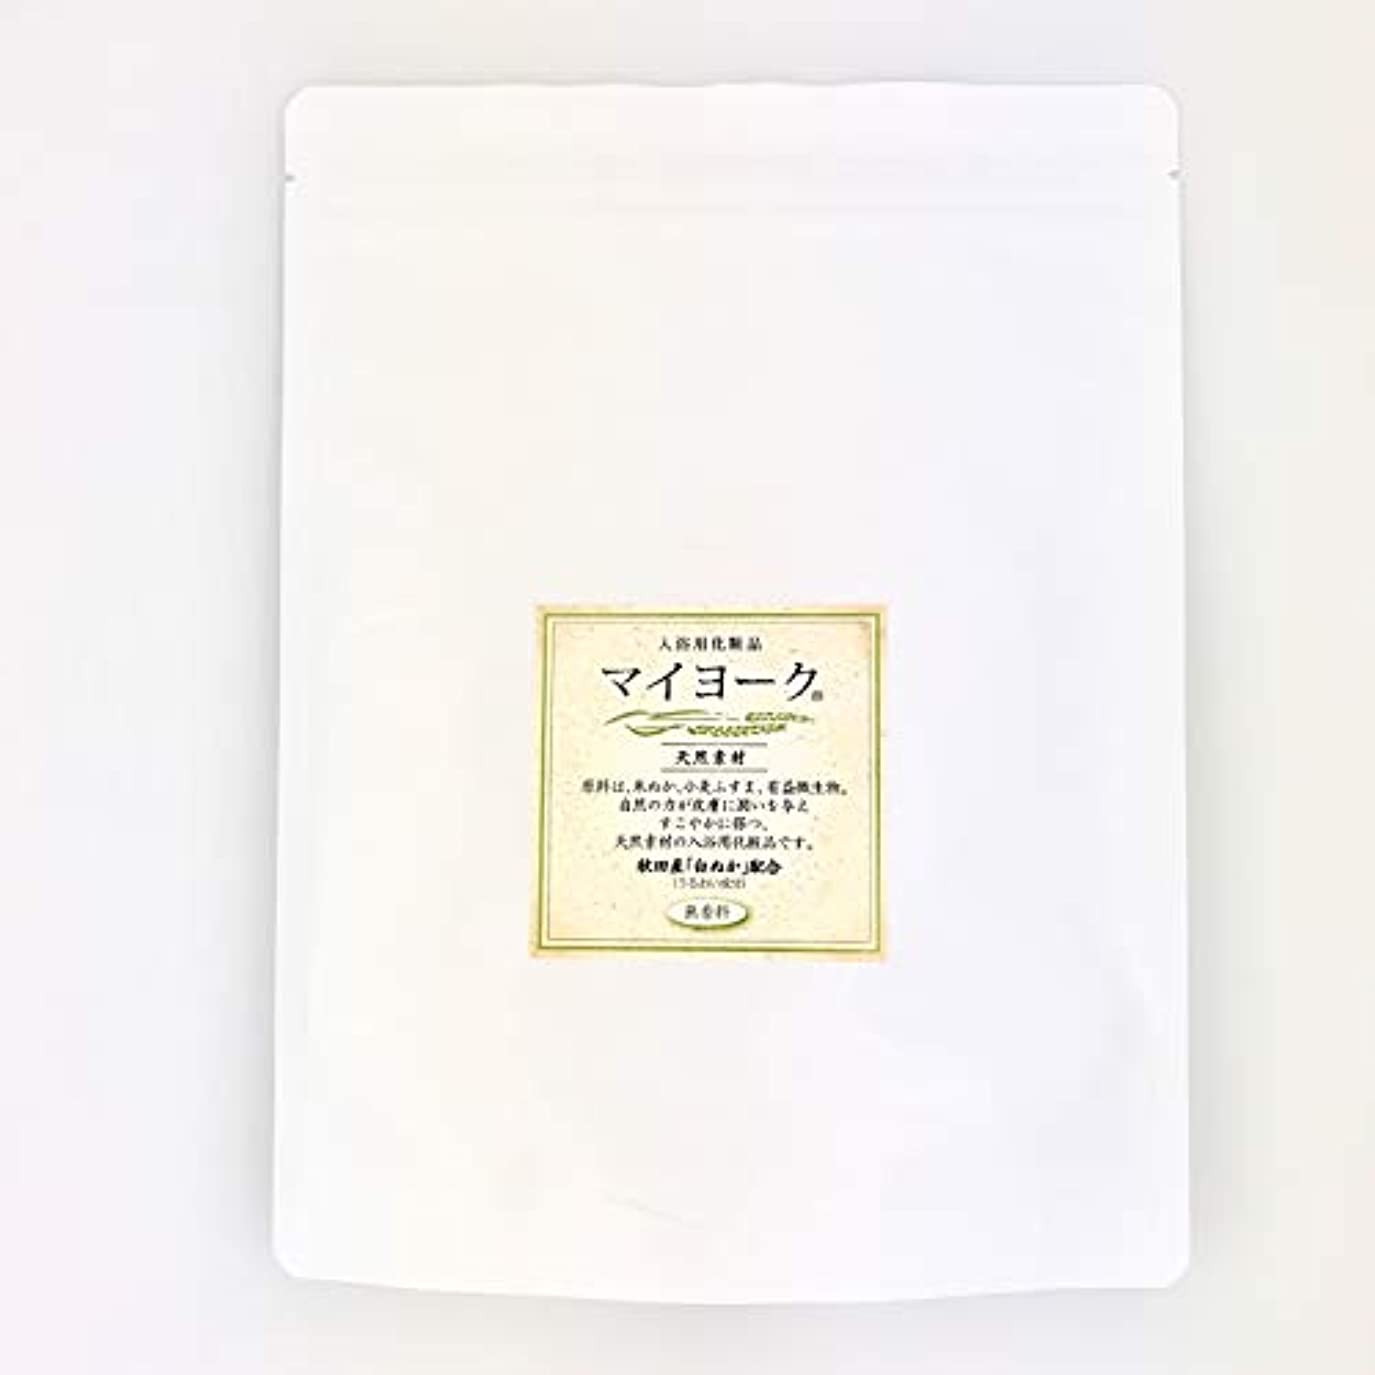 スキル好きである花弁入浴用化粧品マイヨーク 10個入